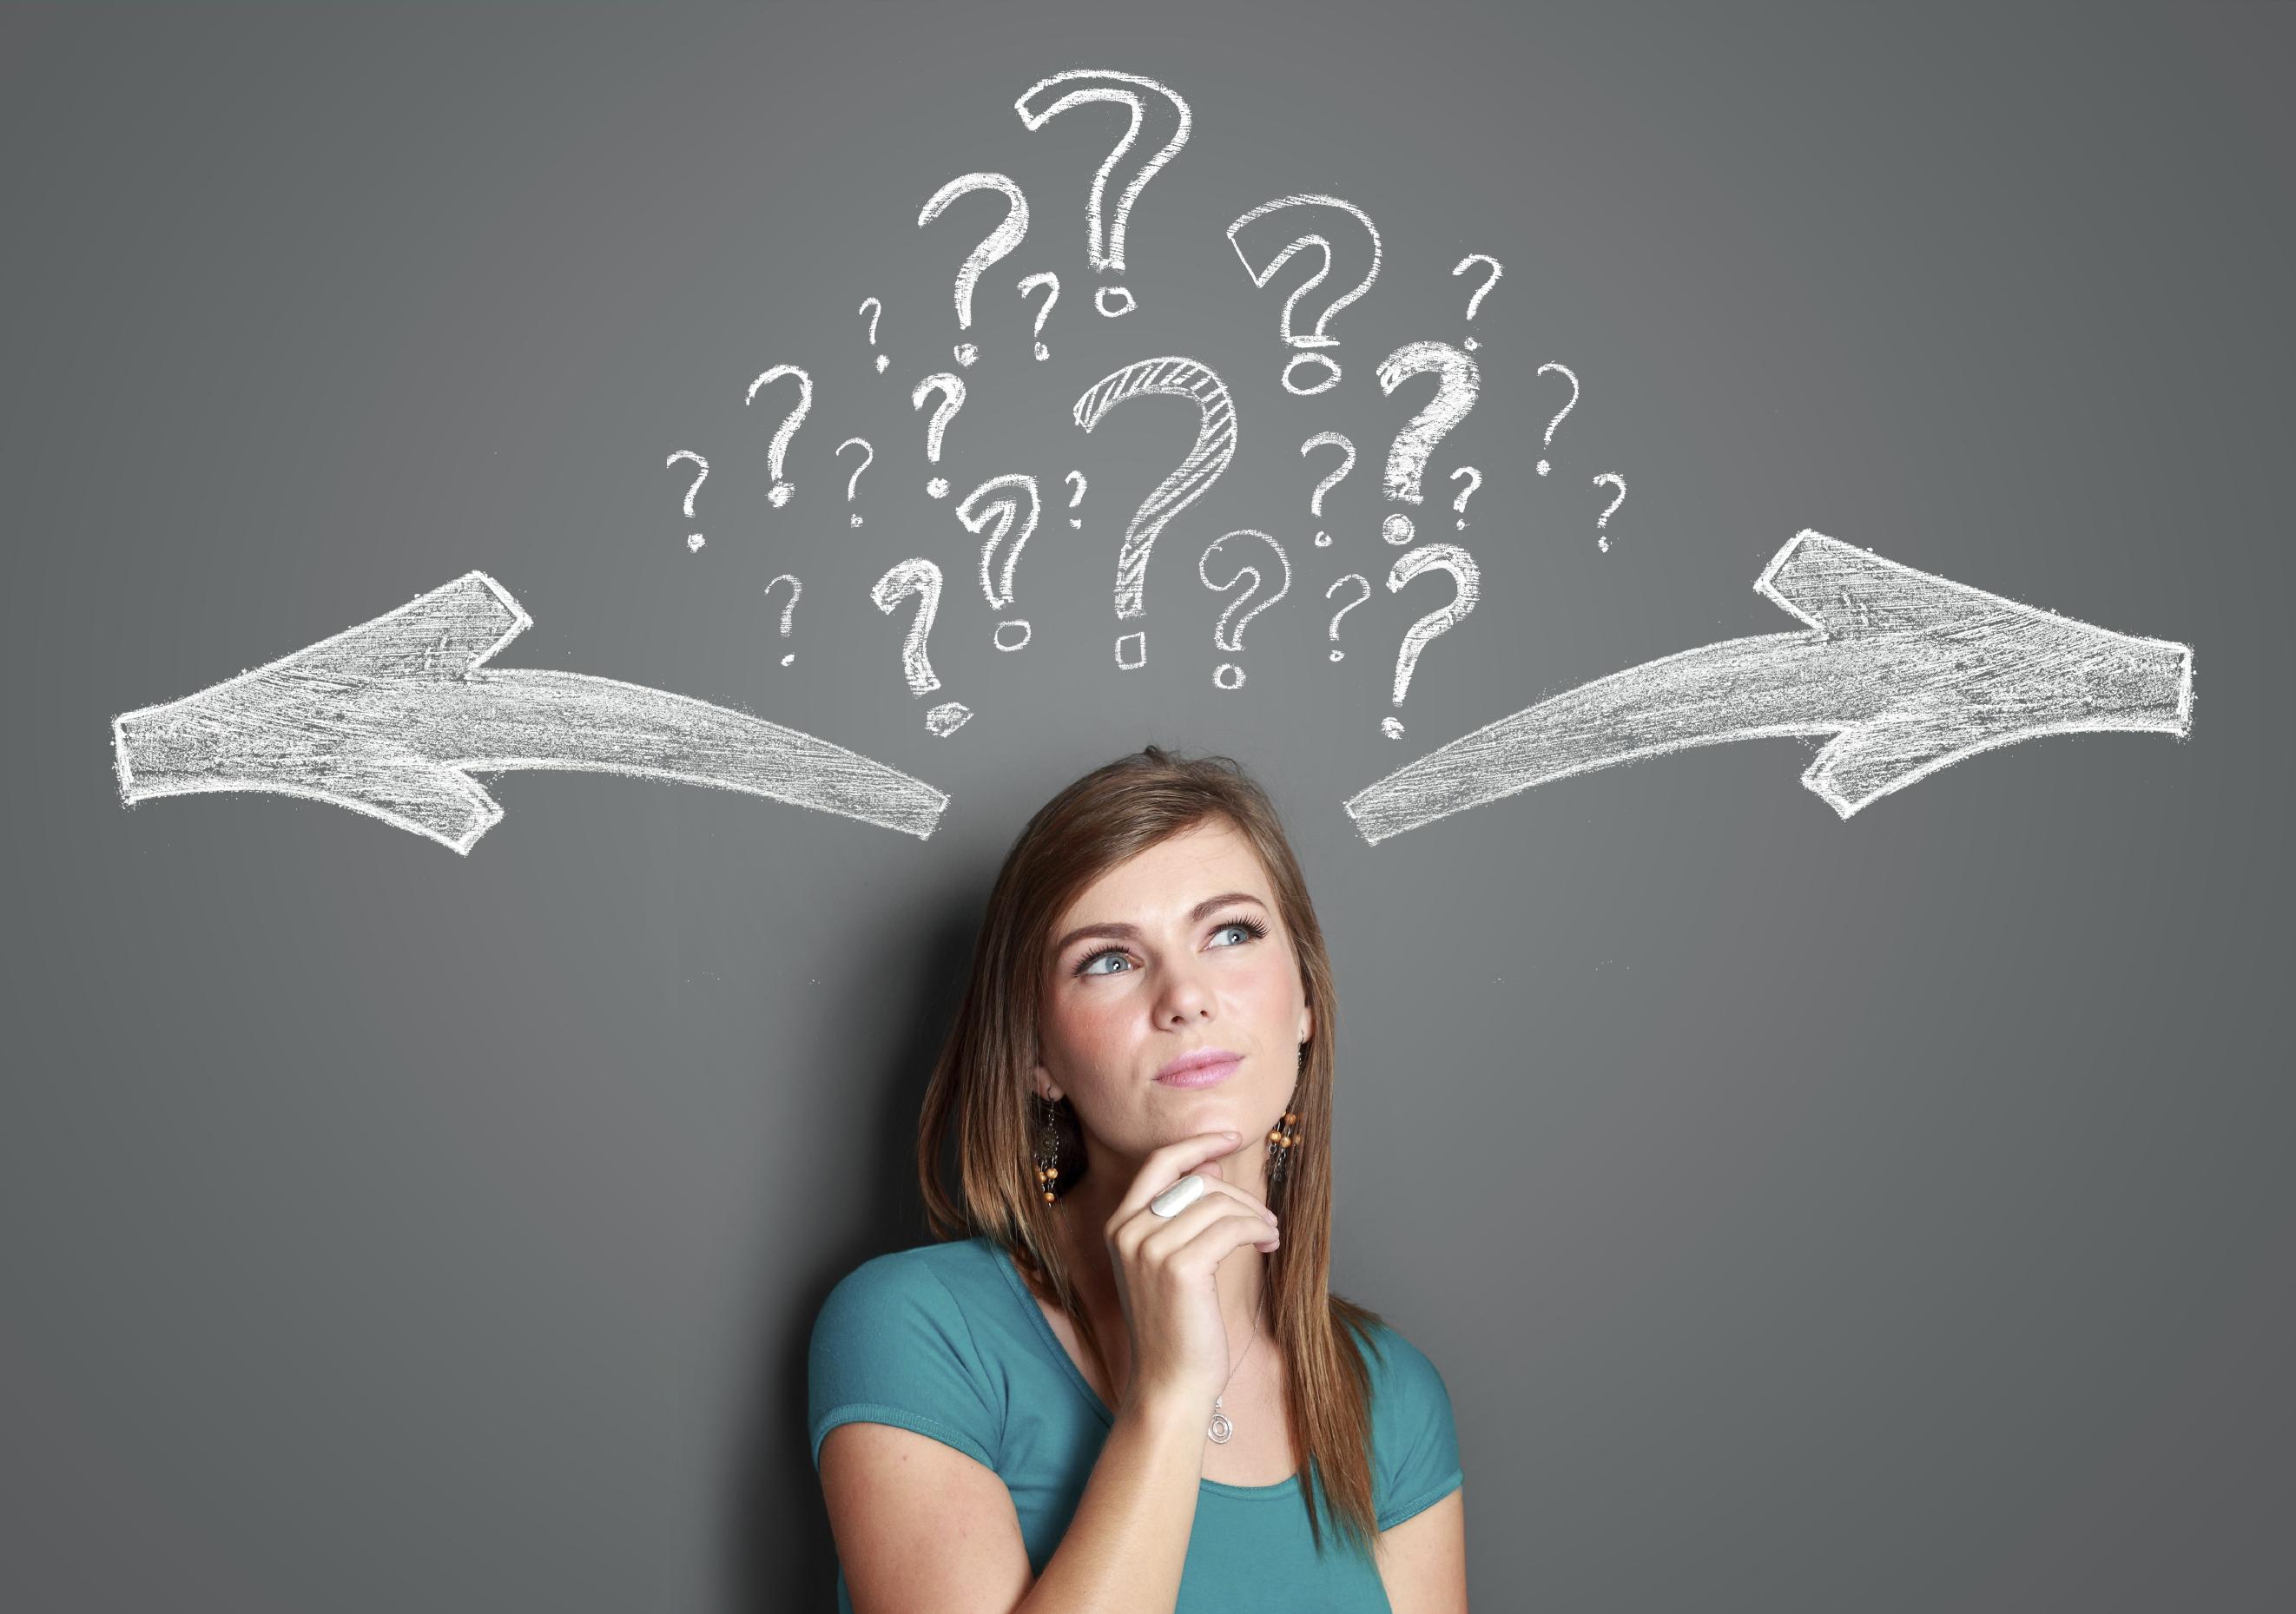 Чем отличается бакалавриат от специалитета и магистратуры?